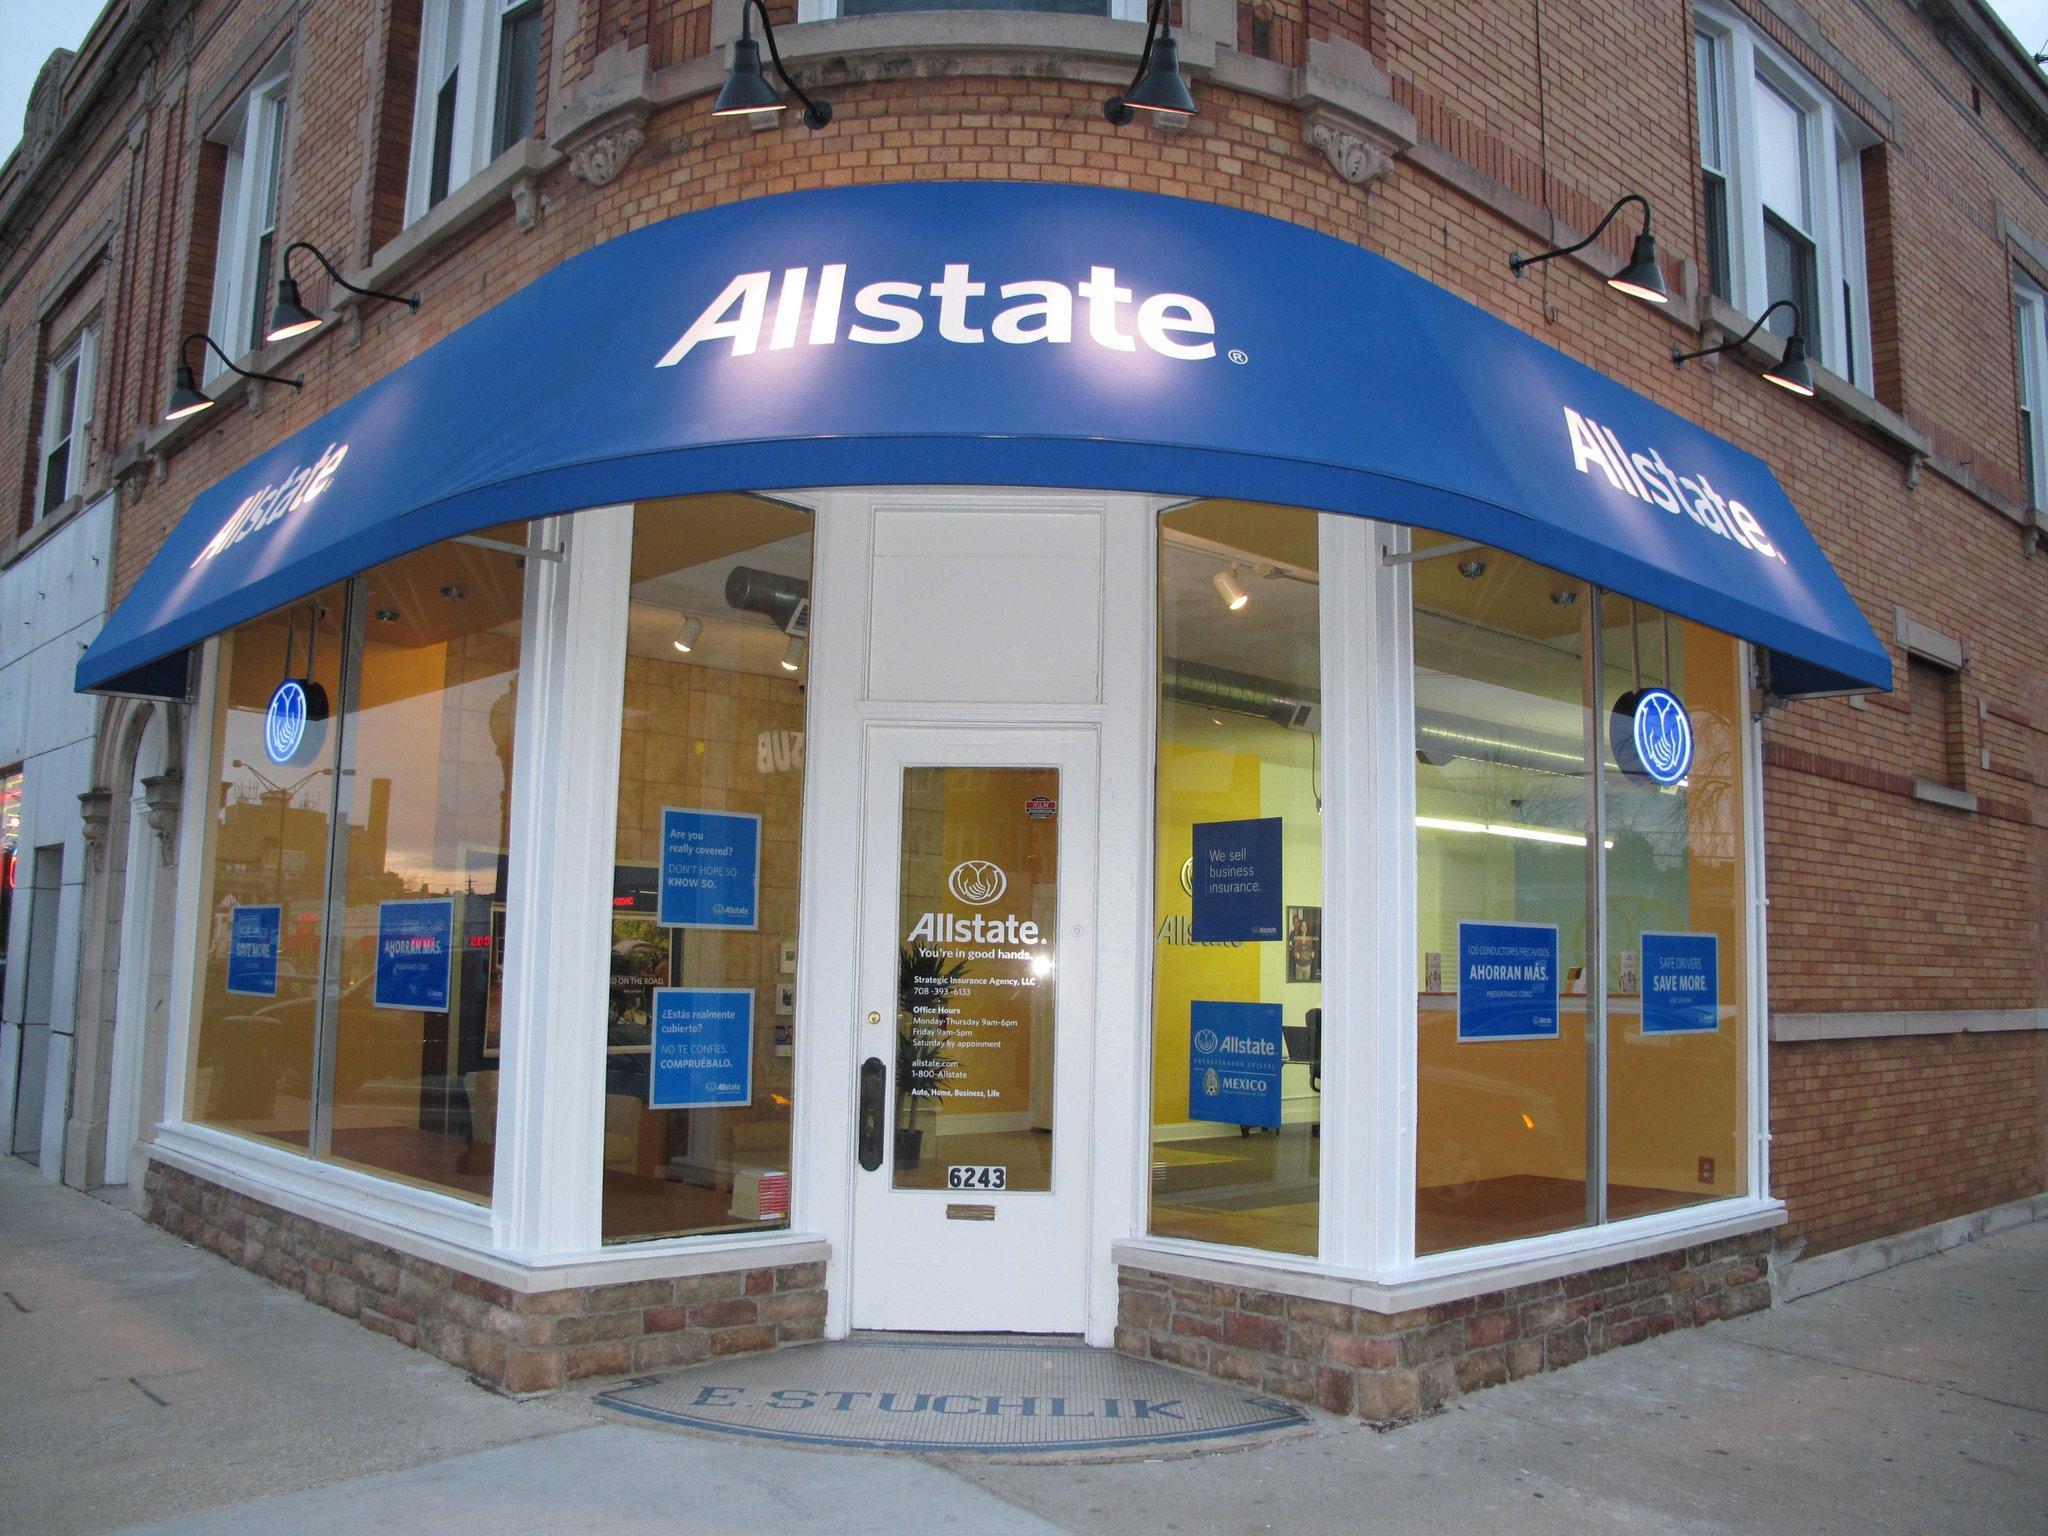 Strategic Insurance Agency, LLC.: Allstate Insurance image 1